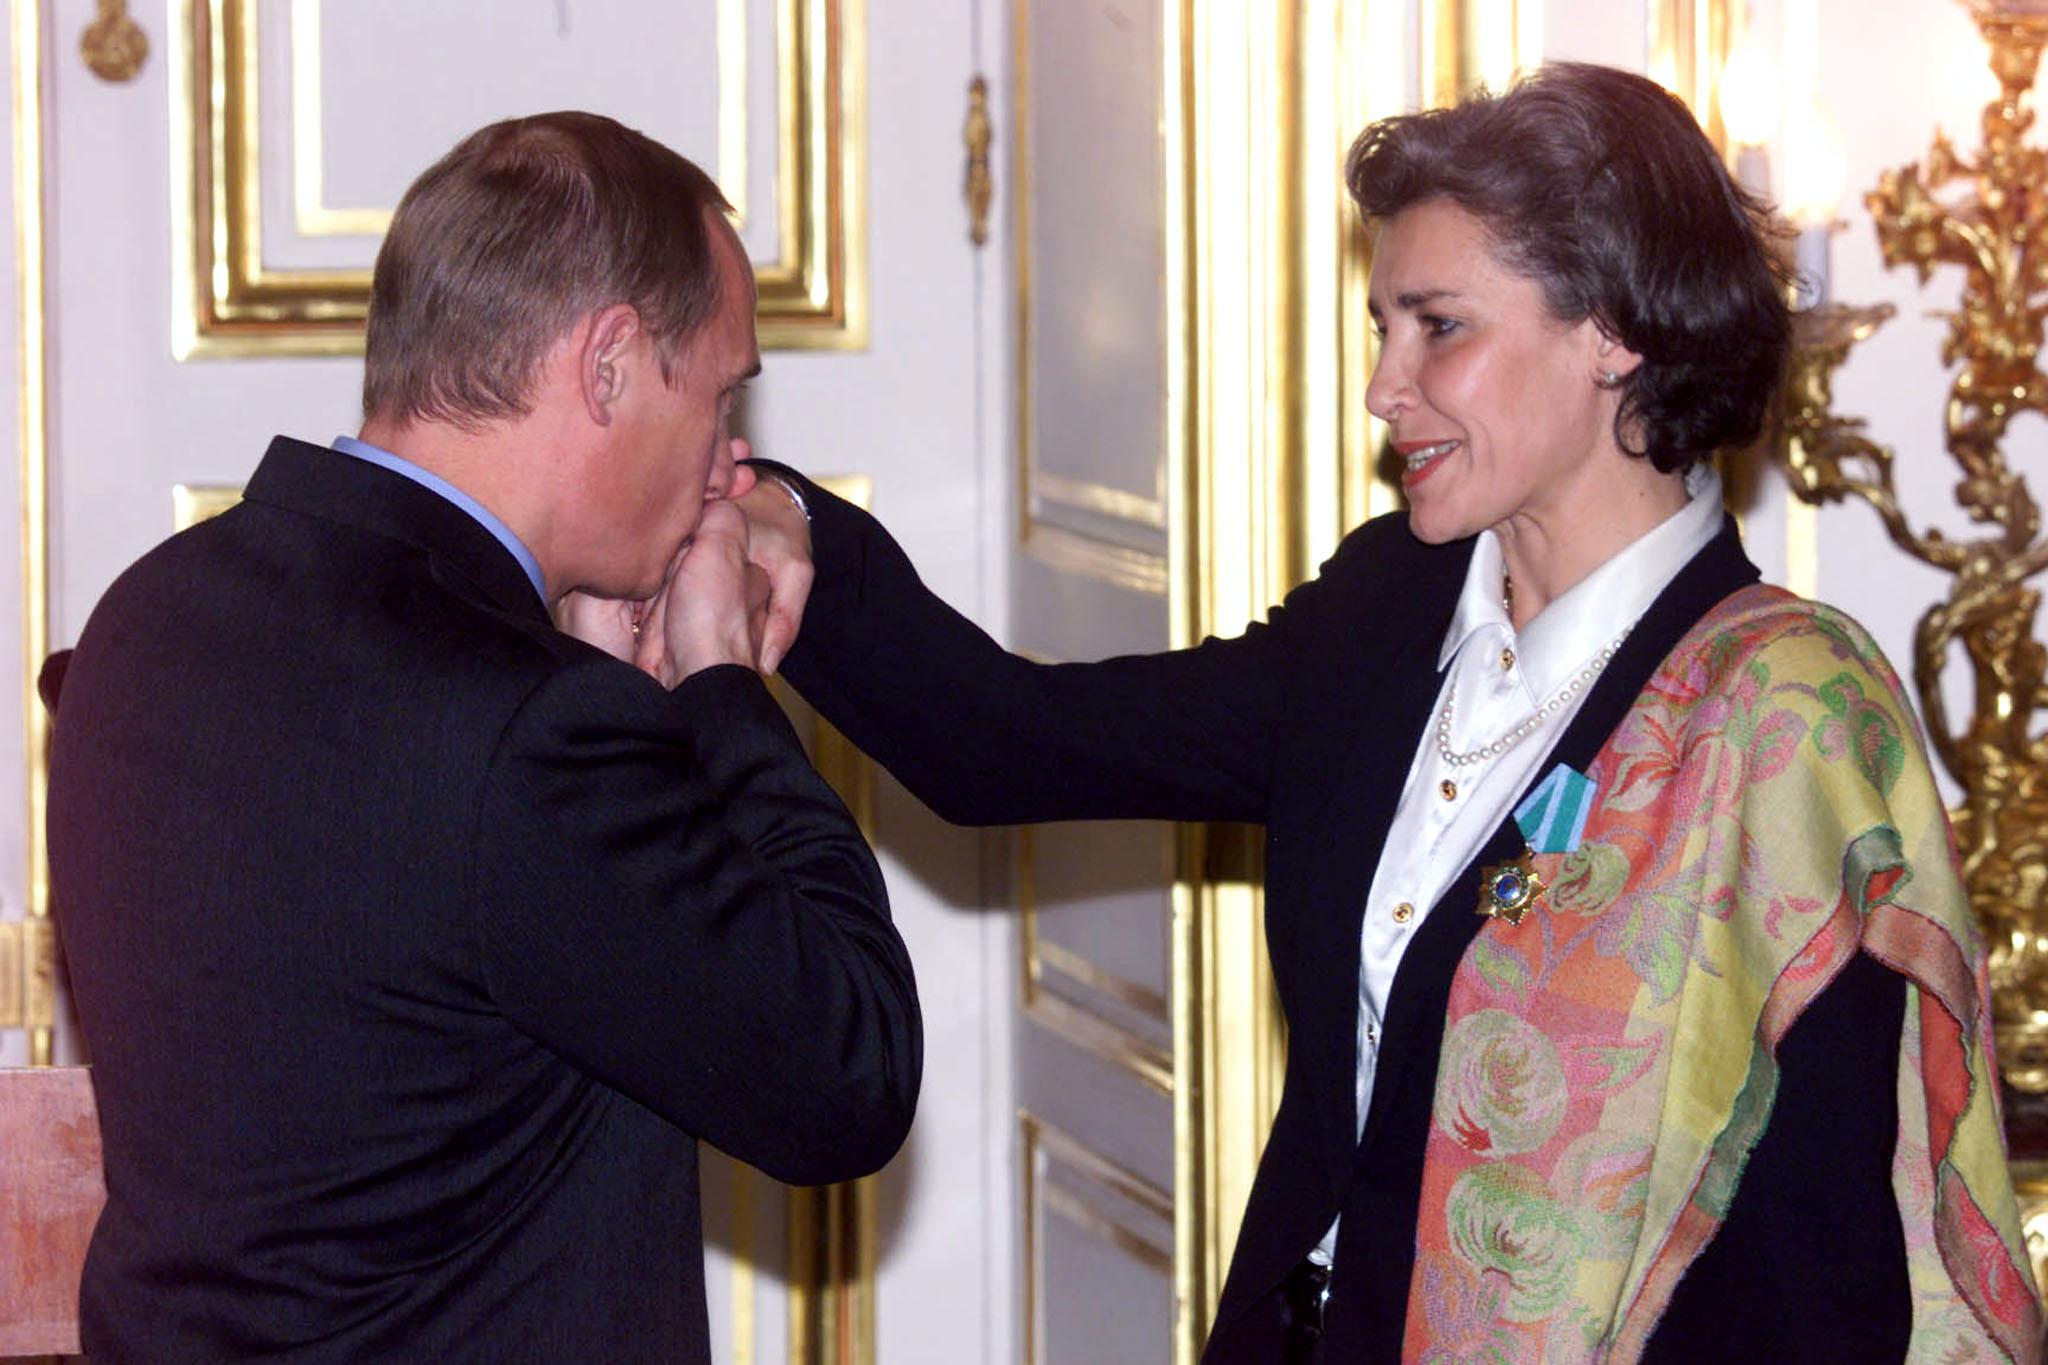 2000年10月初のフランス人女性宇宙飛行士クローディ・エニュレの手にキス。